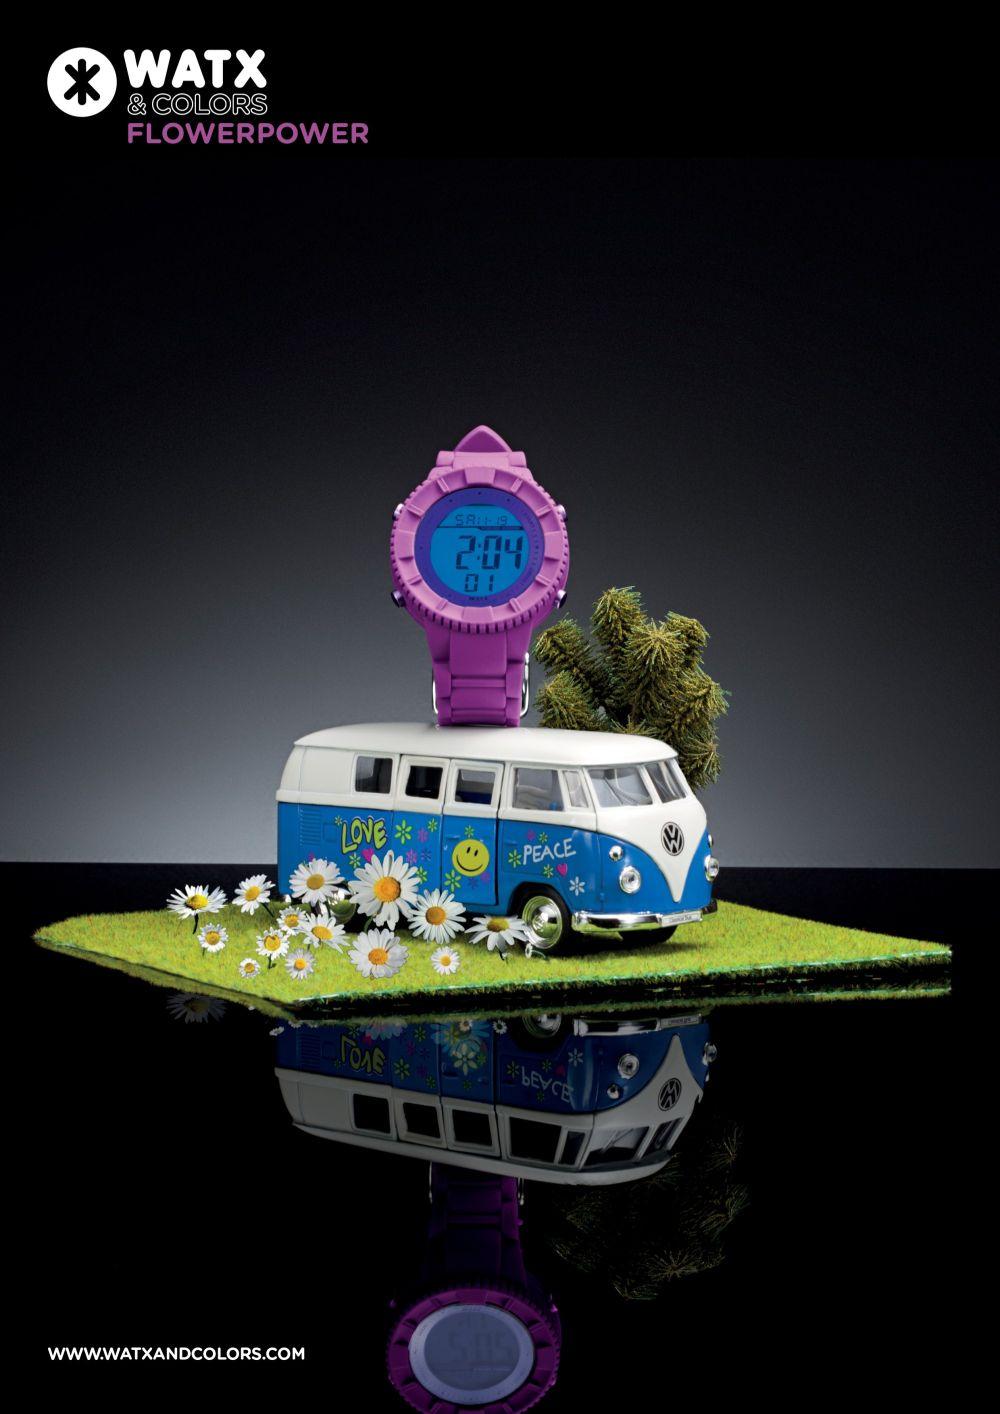 227 9684 1 Watx Flower Power watx flowerpower